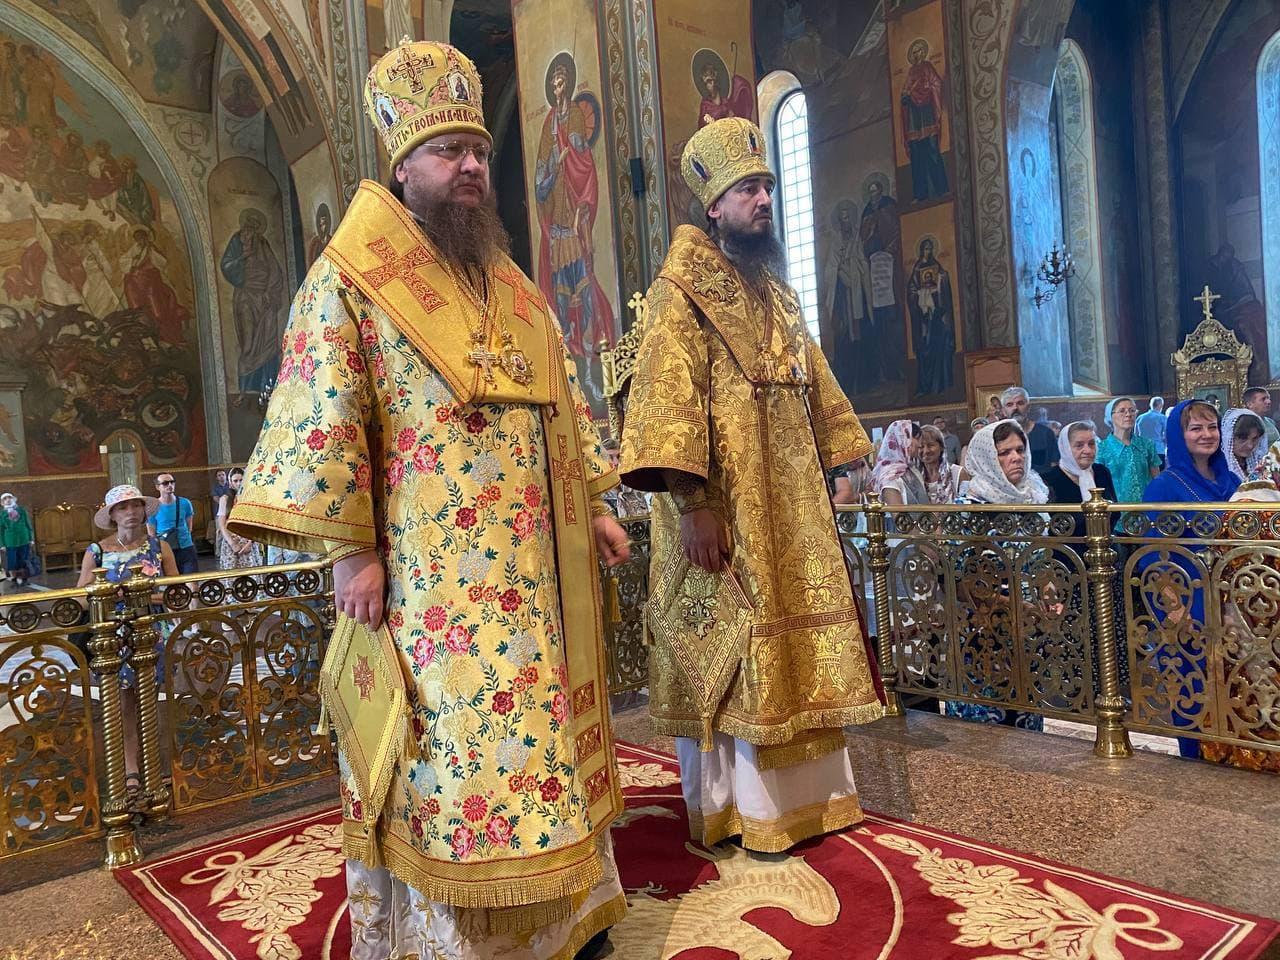 Архієпископ Черкаський і Канівський Феодосій очолив всенічне бдіння напередодні Неділі 5-ї після П'ятидесятниці